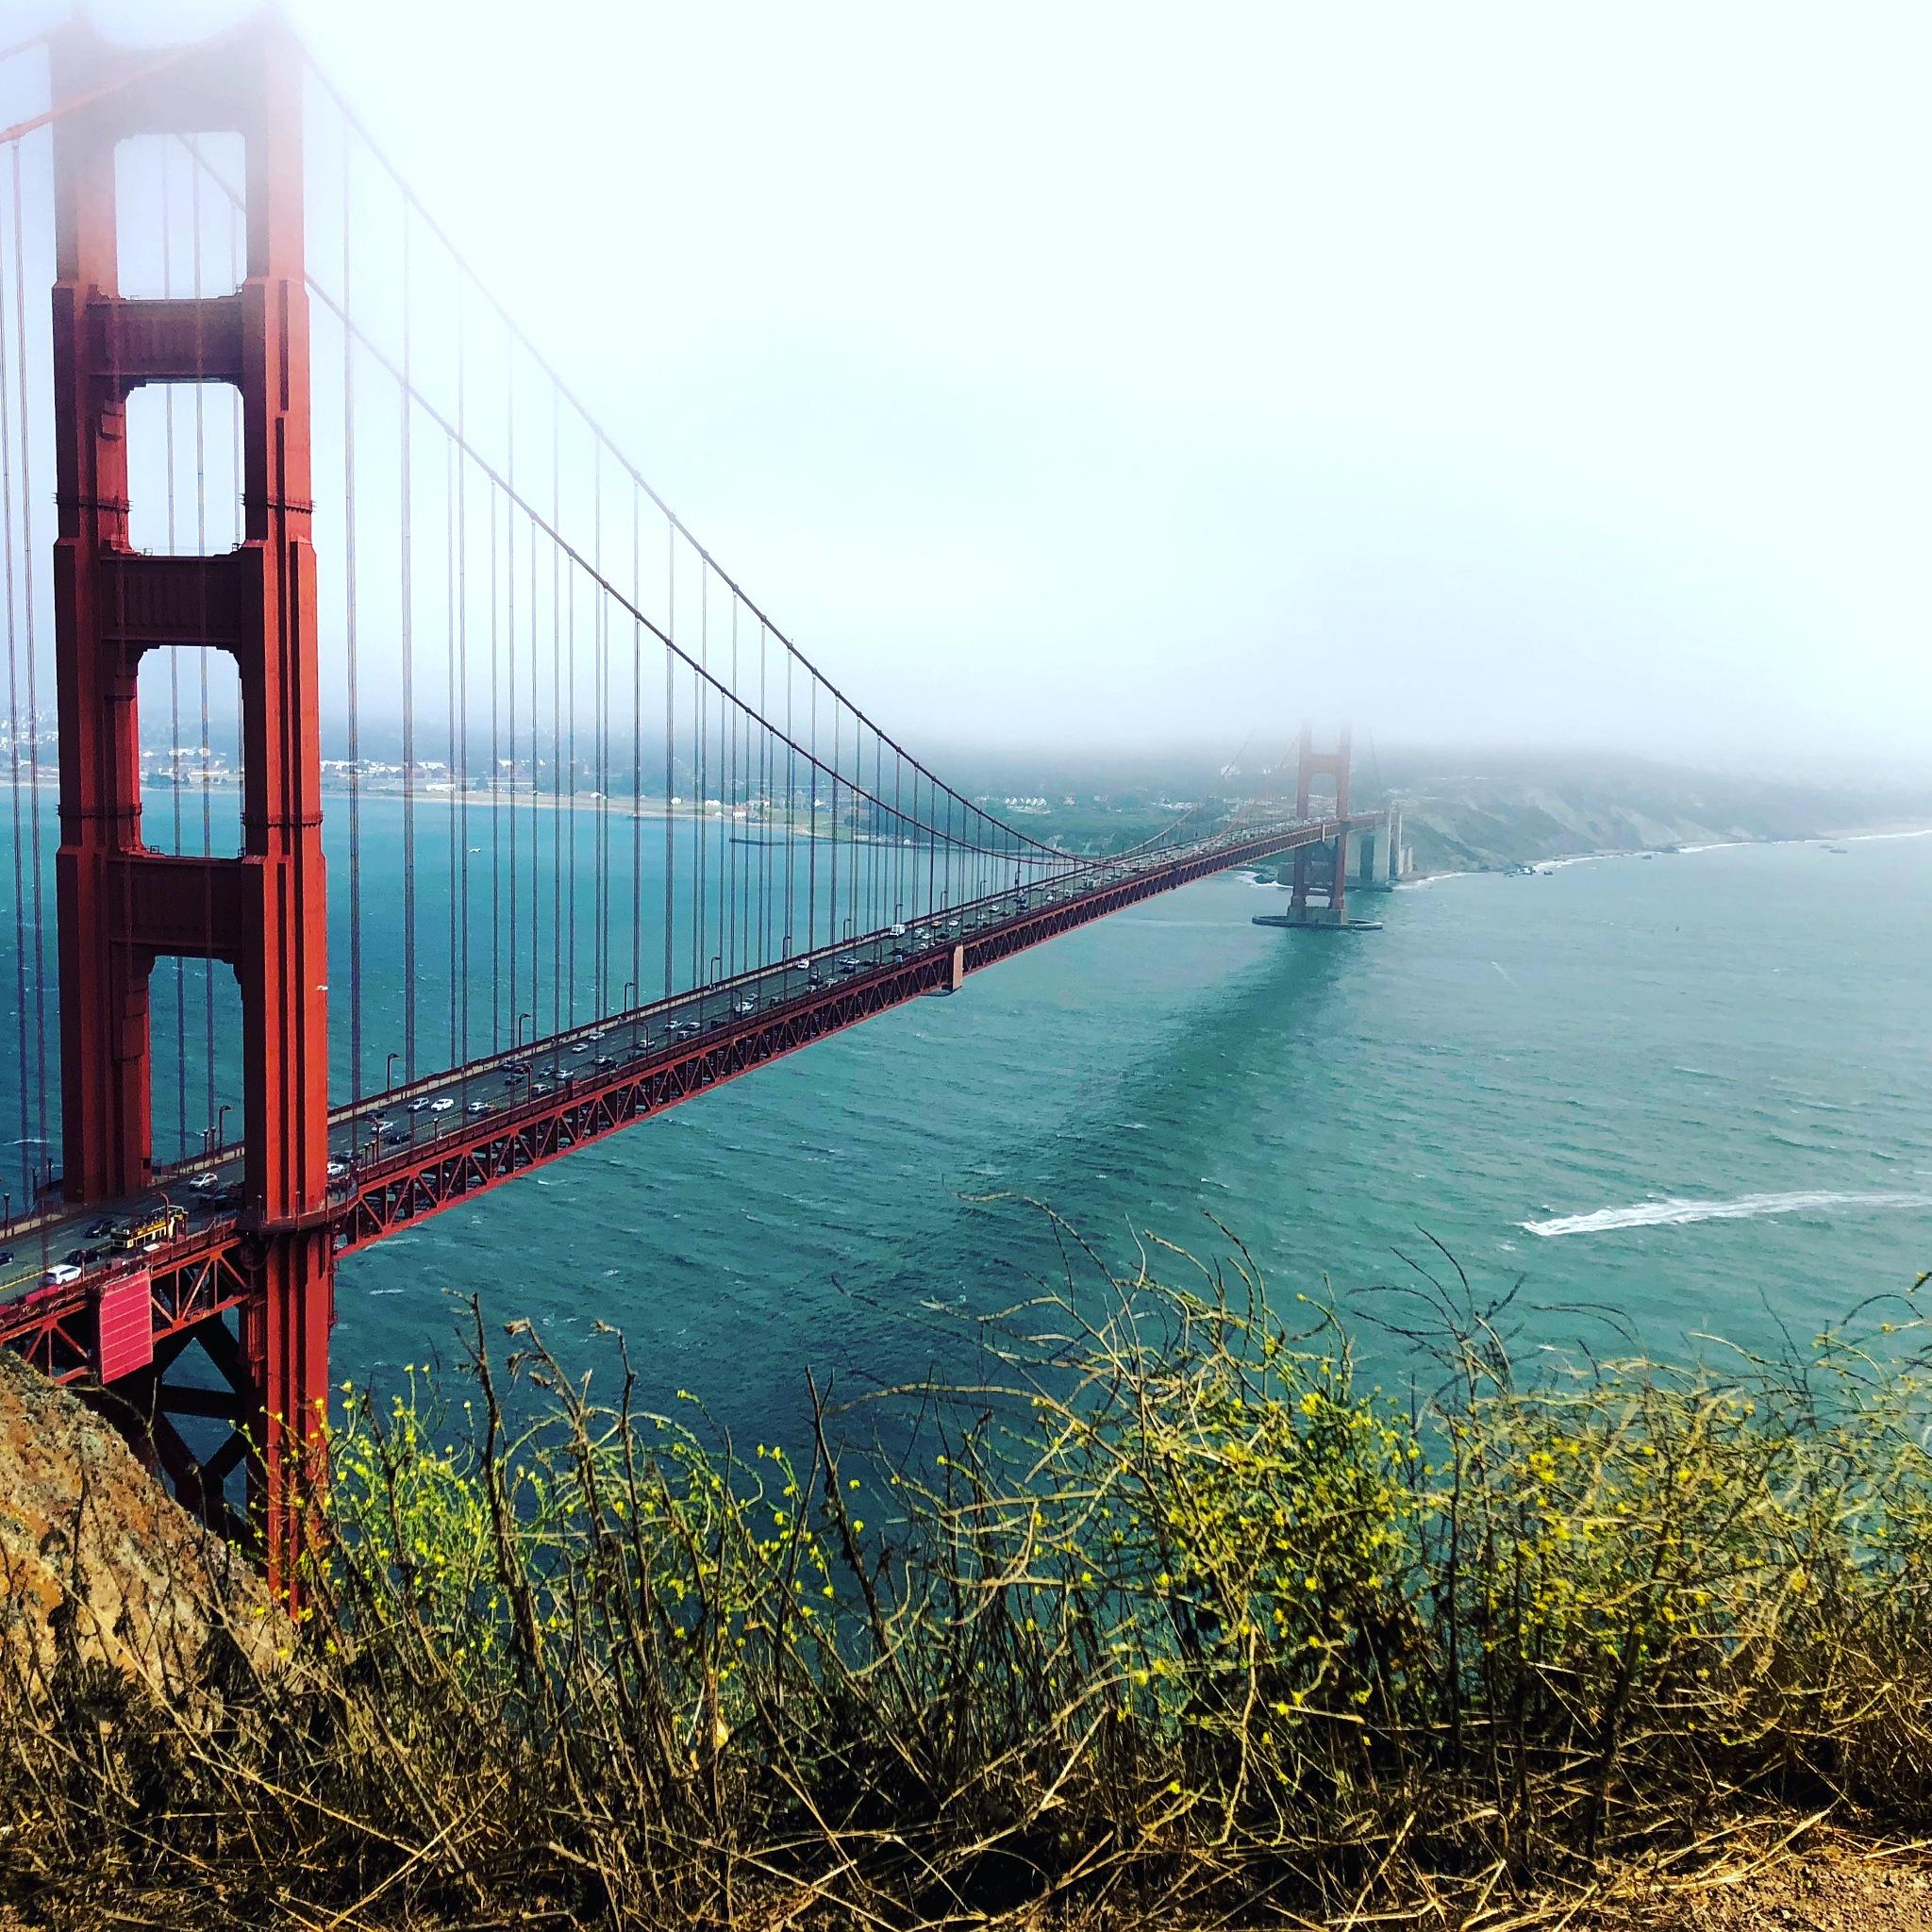 Golden Gate by HKS Images